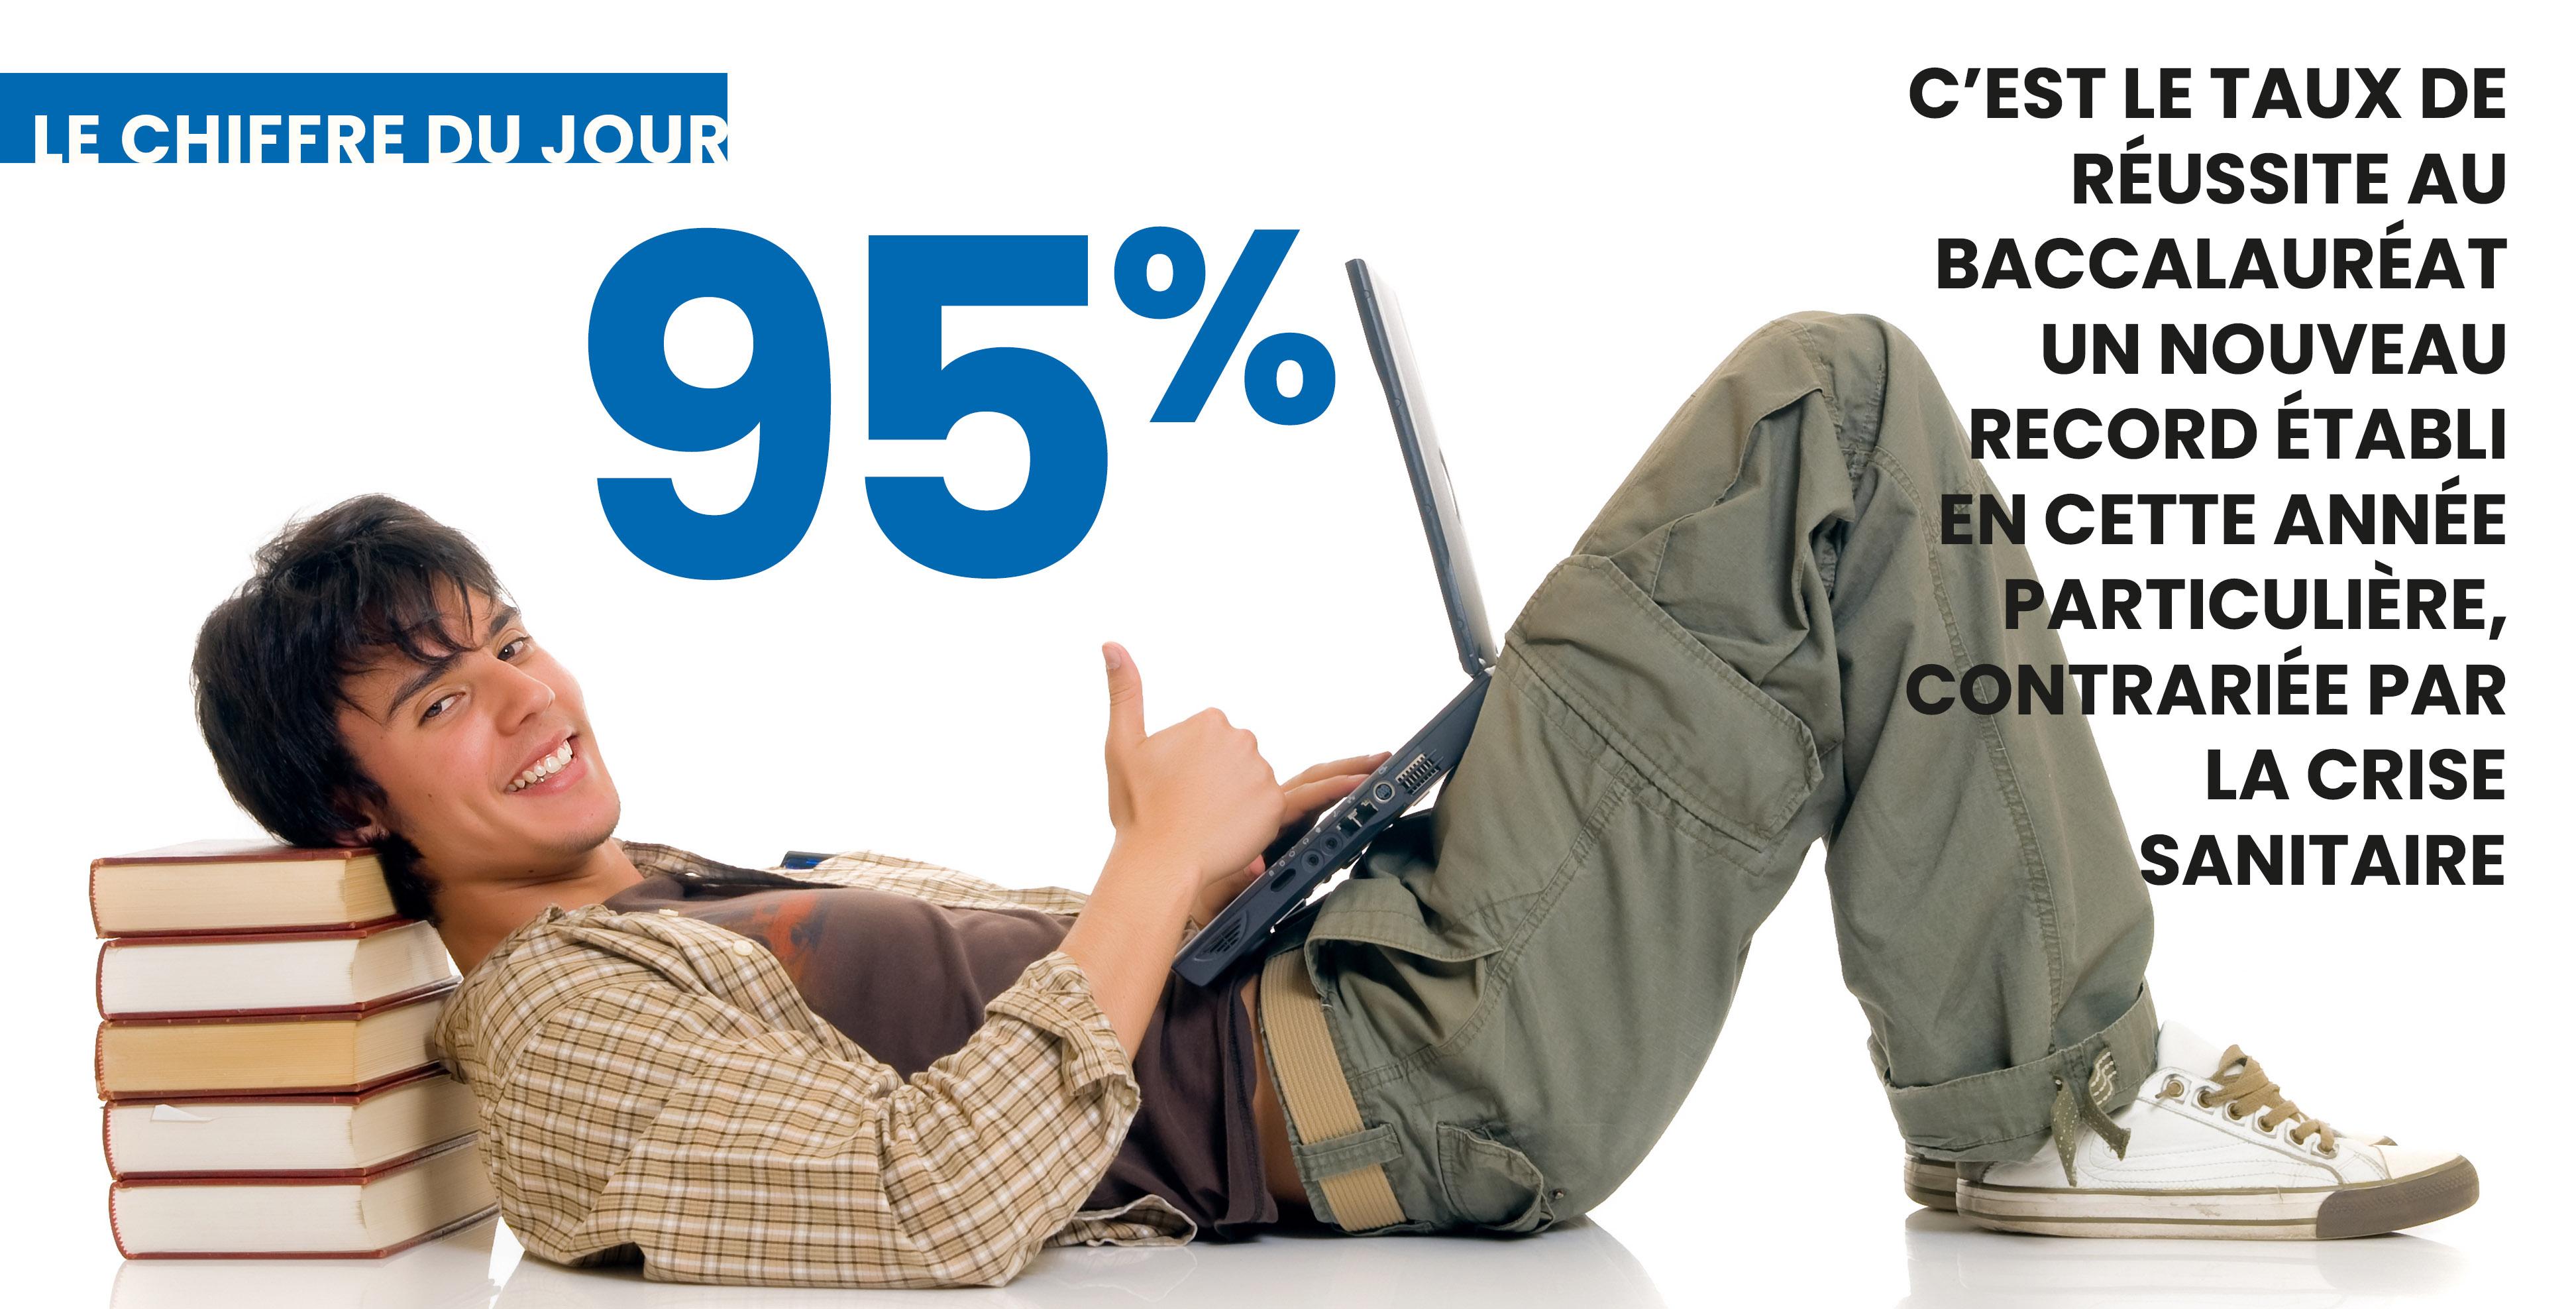 Le chiffre du jour : 95%